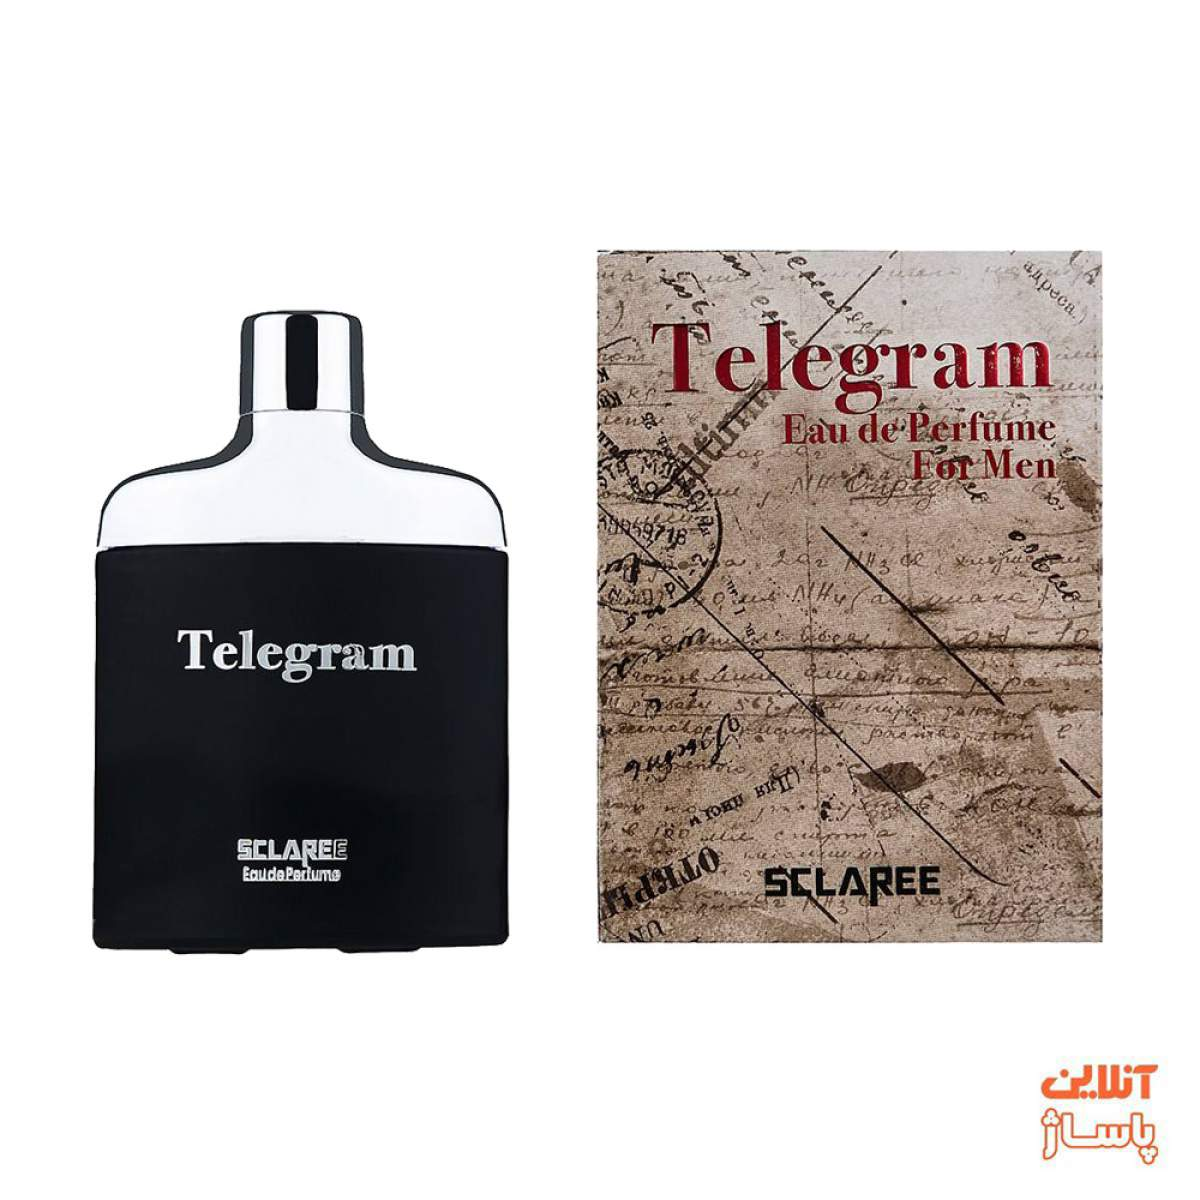 ادوپرفیوم مردانه اسکلاره مدل Telegram حجم 82 میلی لیتر به همراه ادوپرفیوم زنانه اسکلاره مدل Telegram حجم 85 میلی لیتر